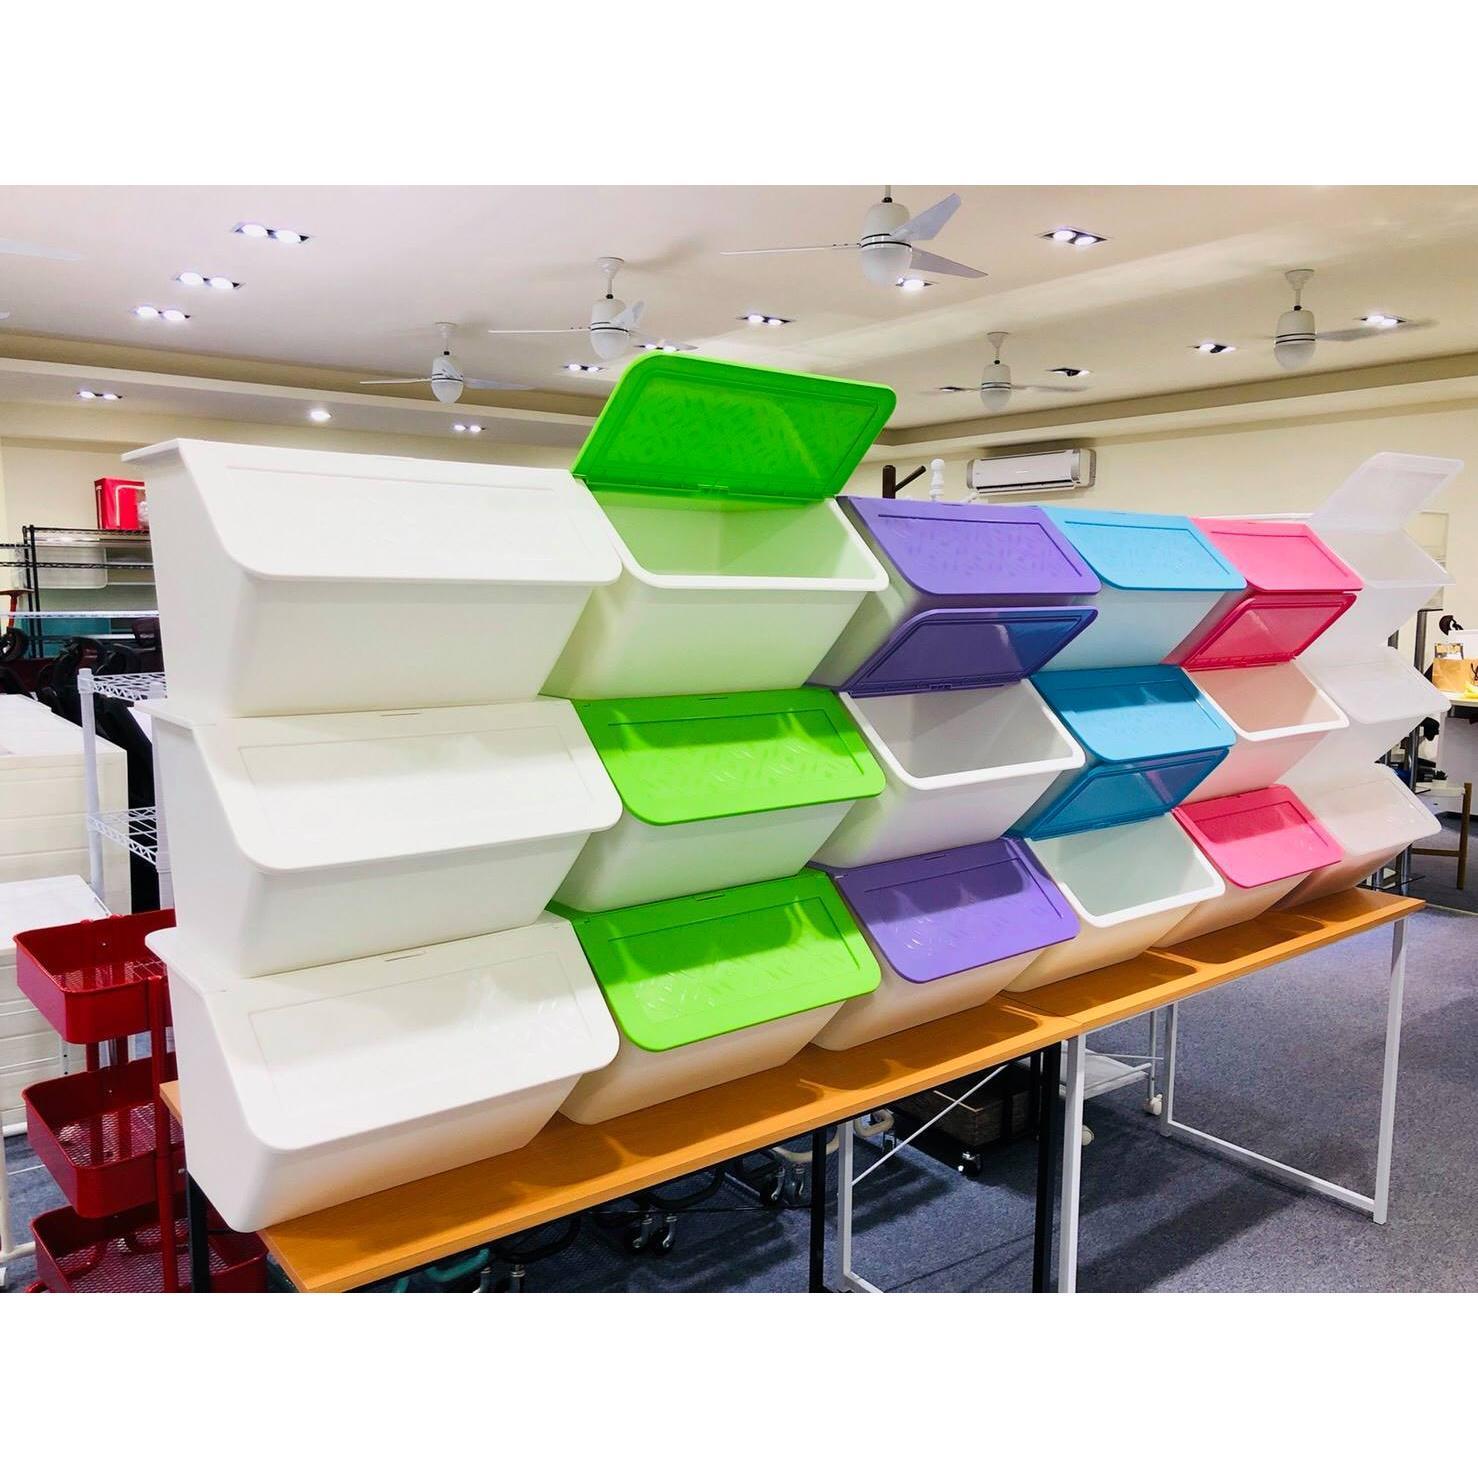 台灣製造可堆疊掀蓋收納箱33L(3入同色組)